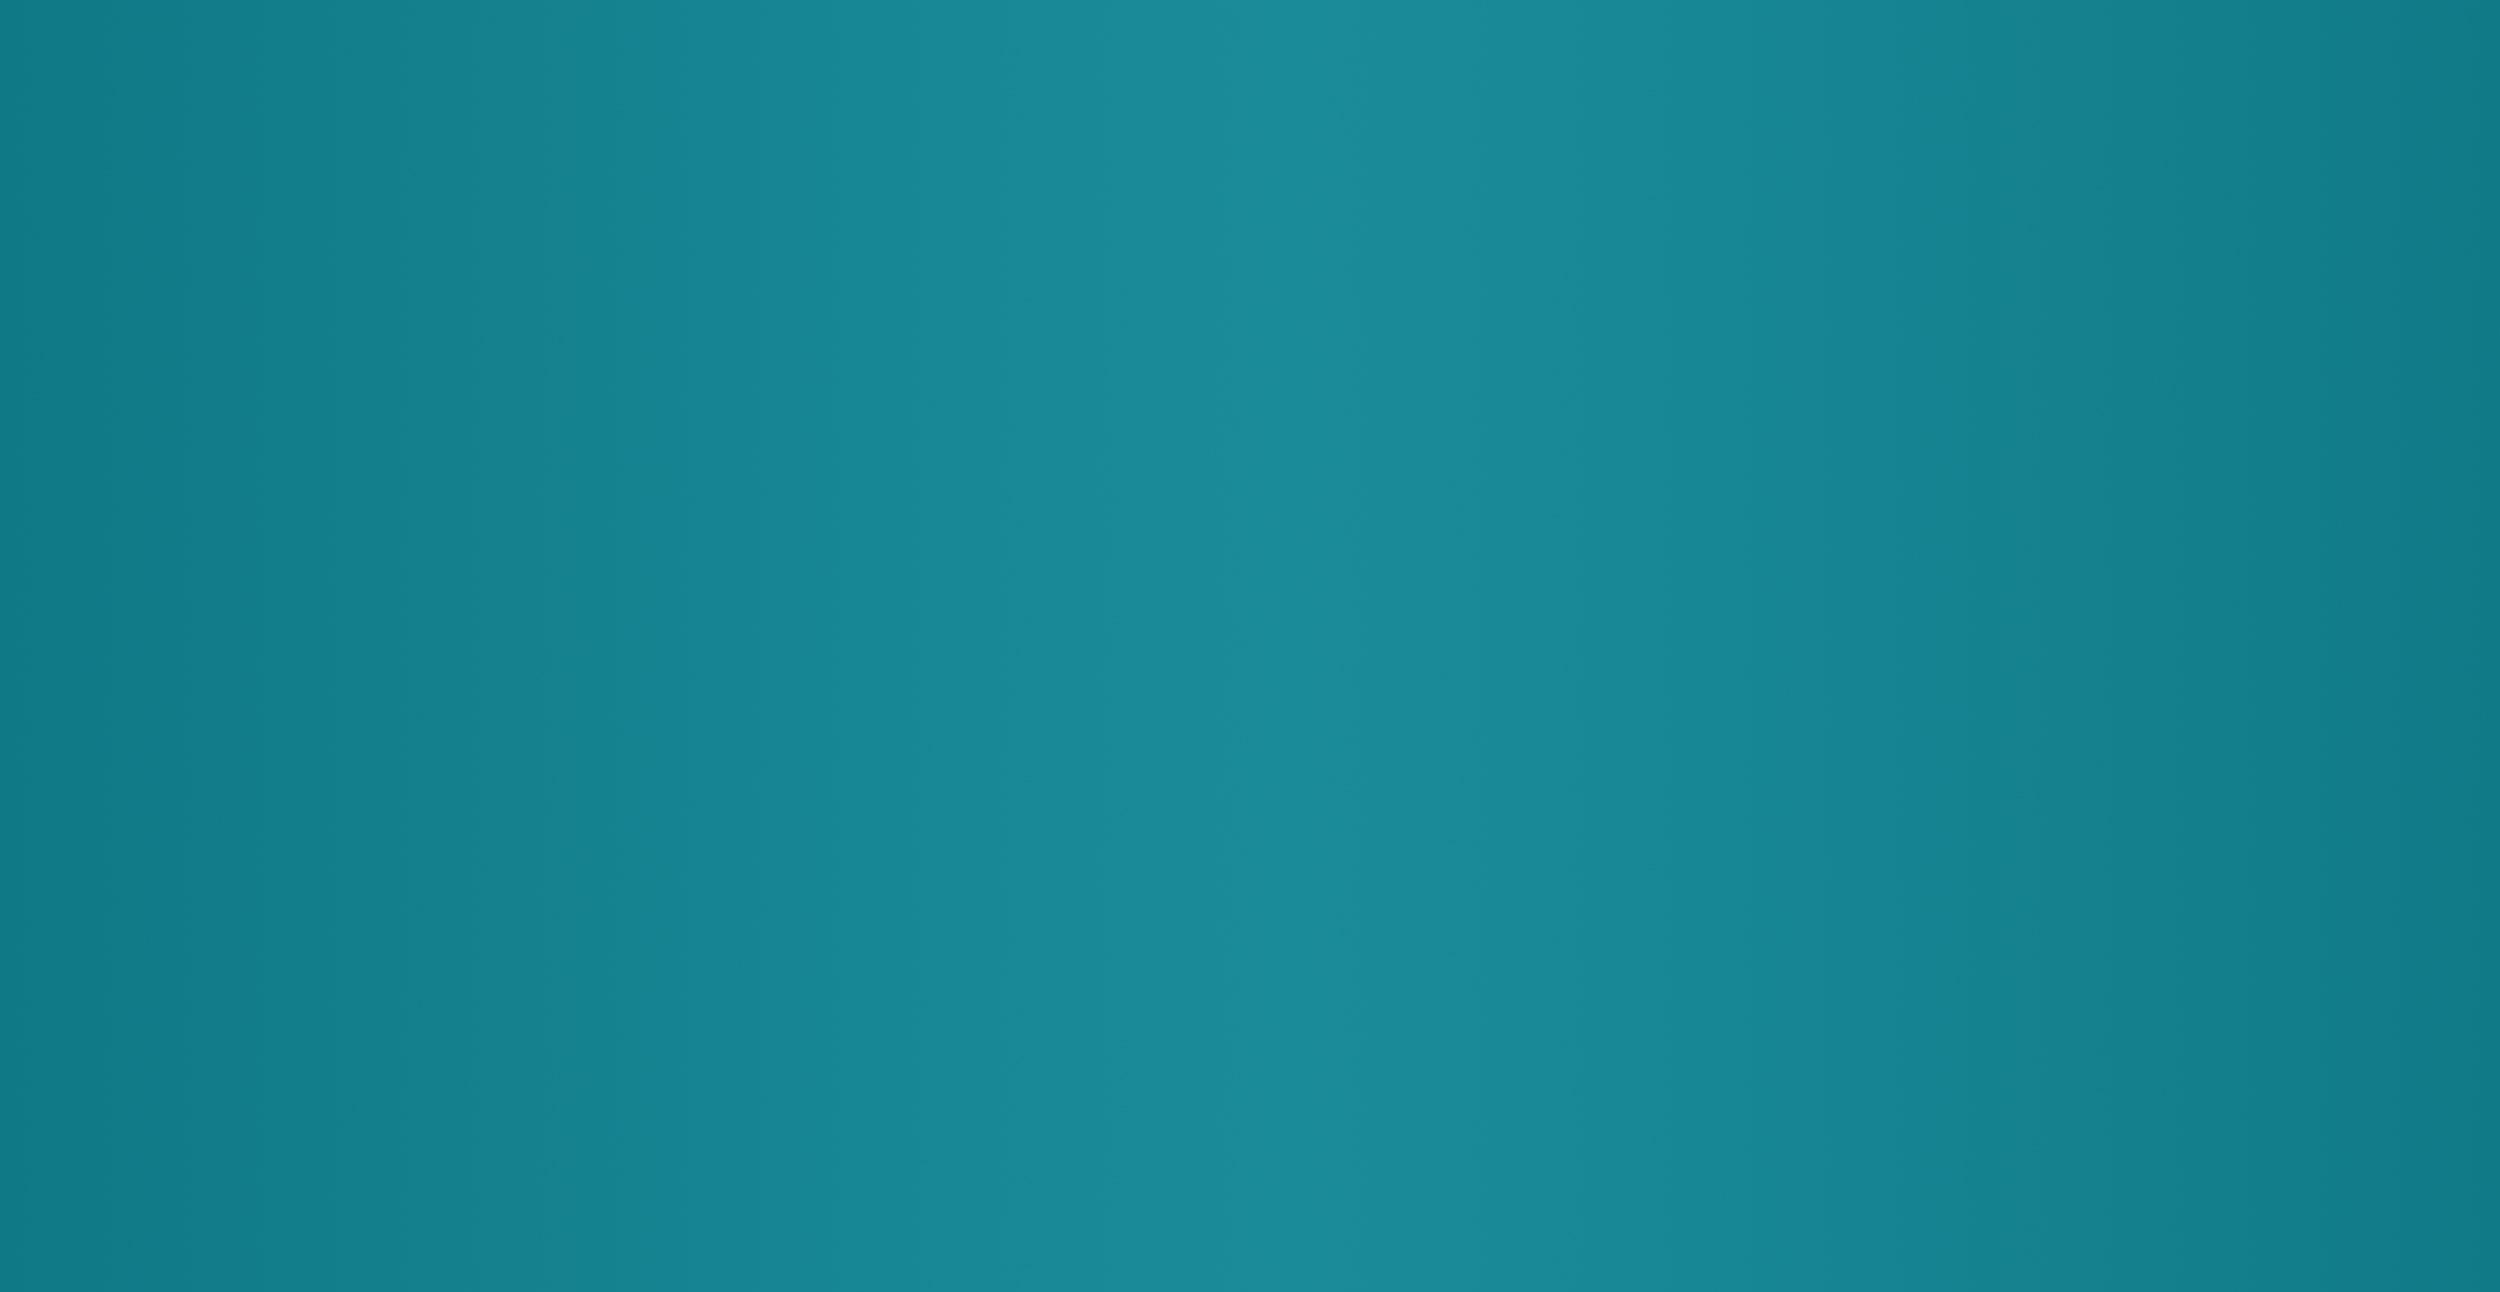 hexagon-blue.jpg